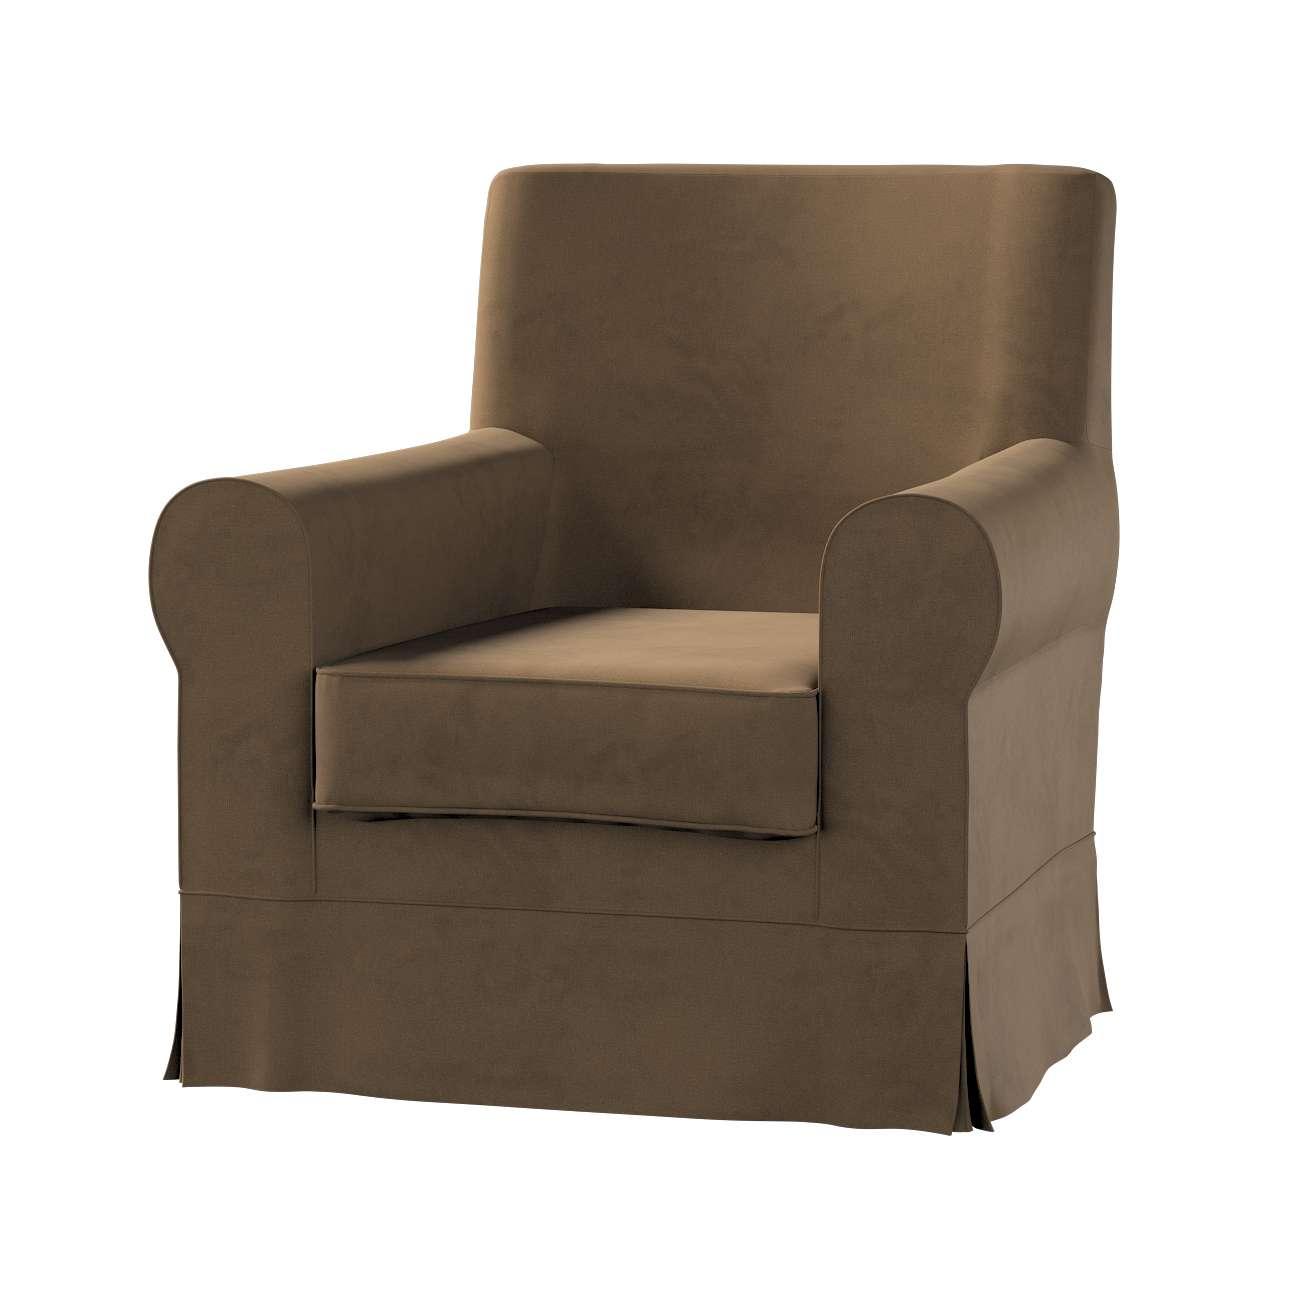 Pokrowiec na fotel Ektorp Jennylund w kolekcji Living II, tkanina: 160-94